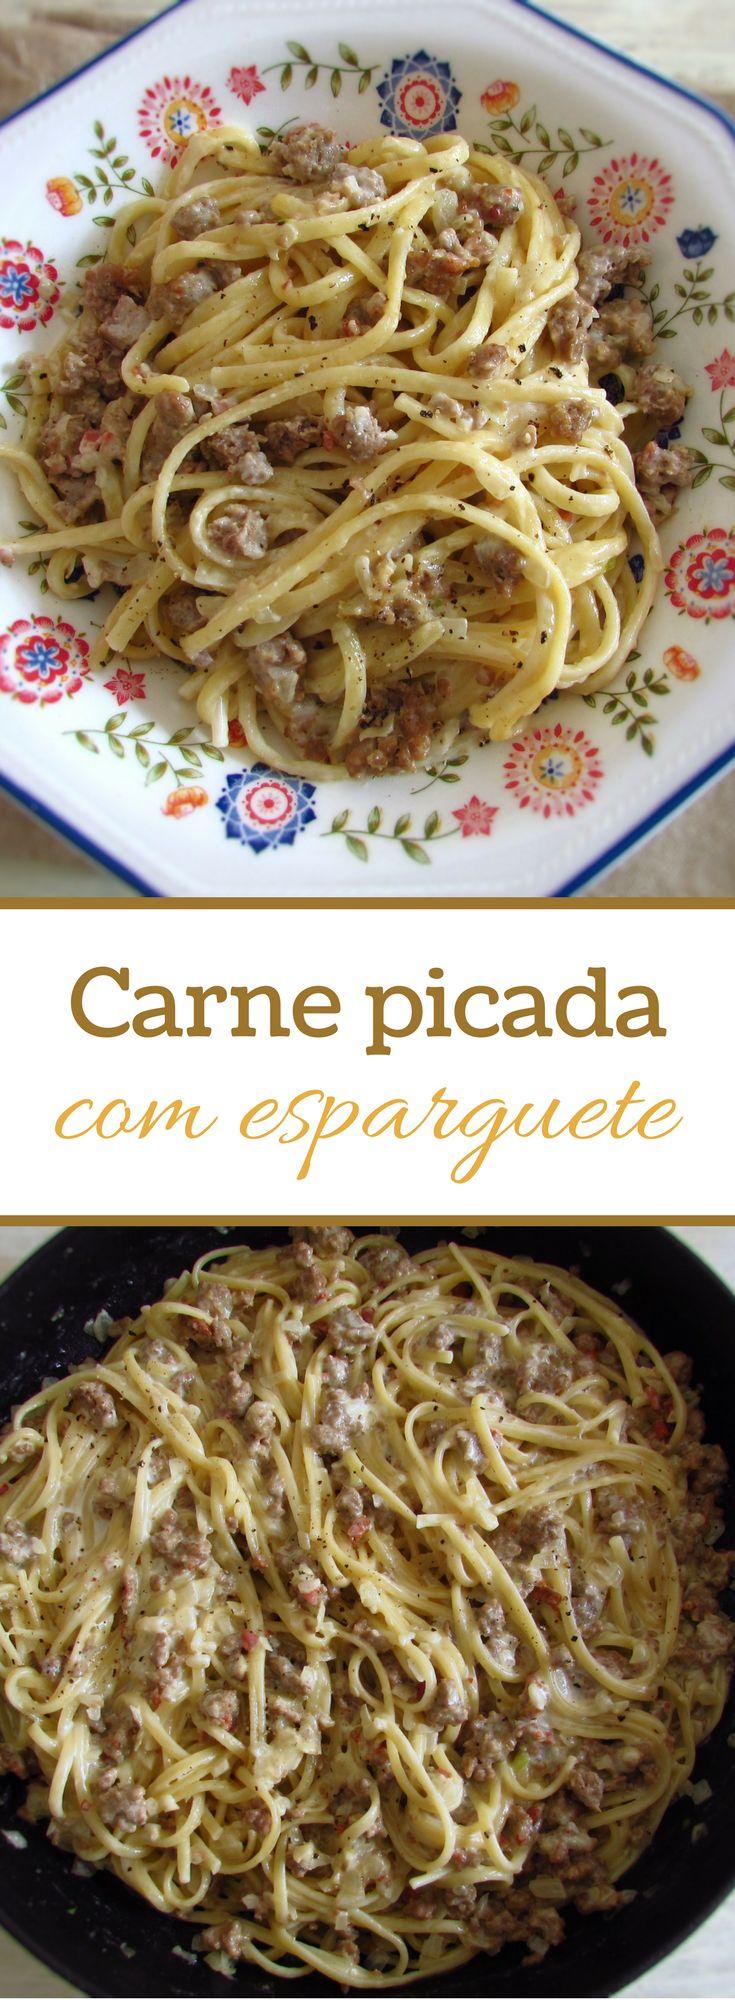 Carne picada com esparguete | Food From Portugal. Para um almoço com amigos esta receita de carne picada com esparguete é sempre bem-vinda! Todos adoram e é muito simples de preparar!! Bom apetite! #receita #esparguete #carne